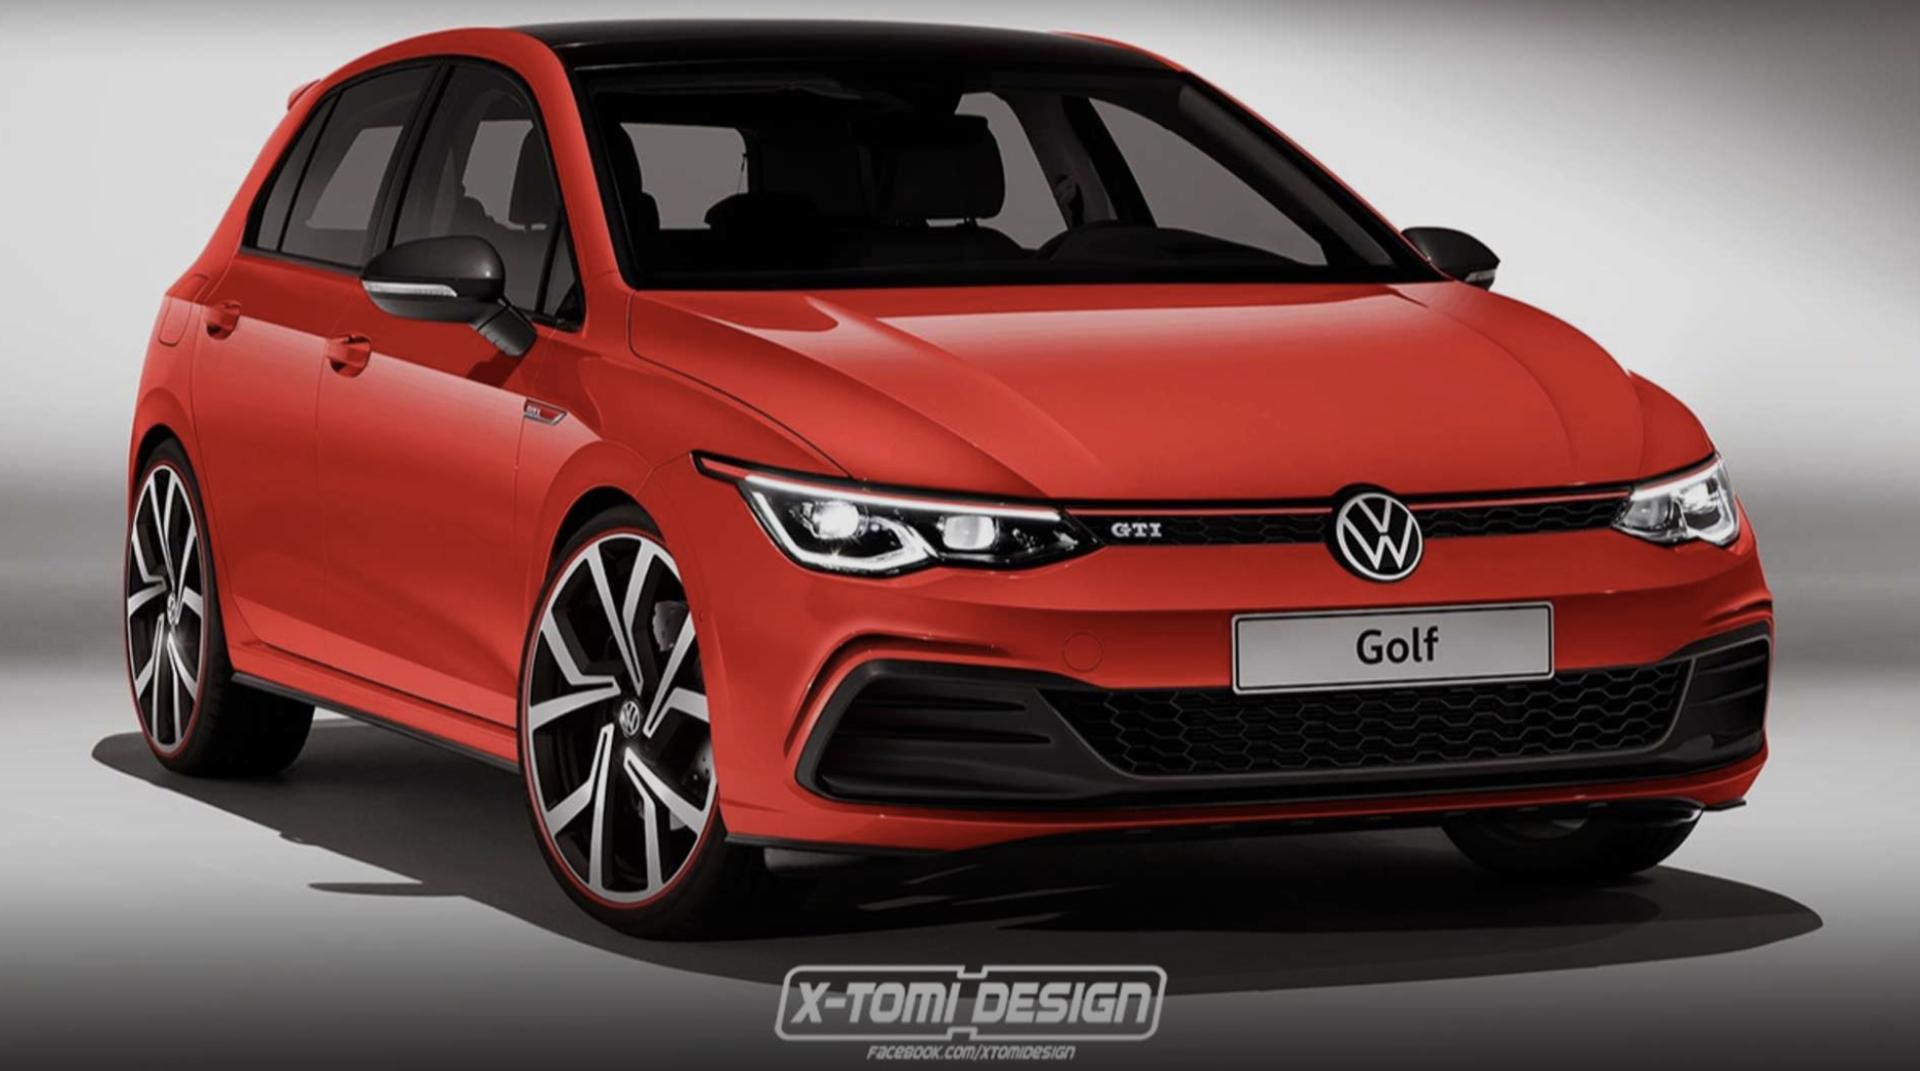 Volkswagen Golf GTI rendering